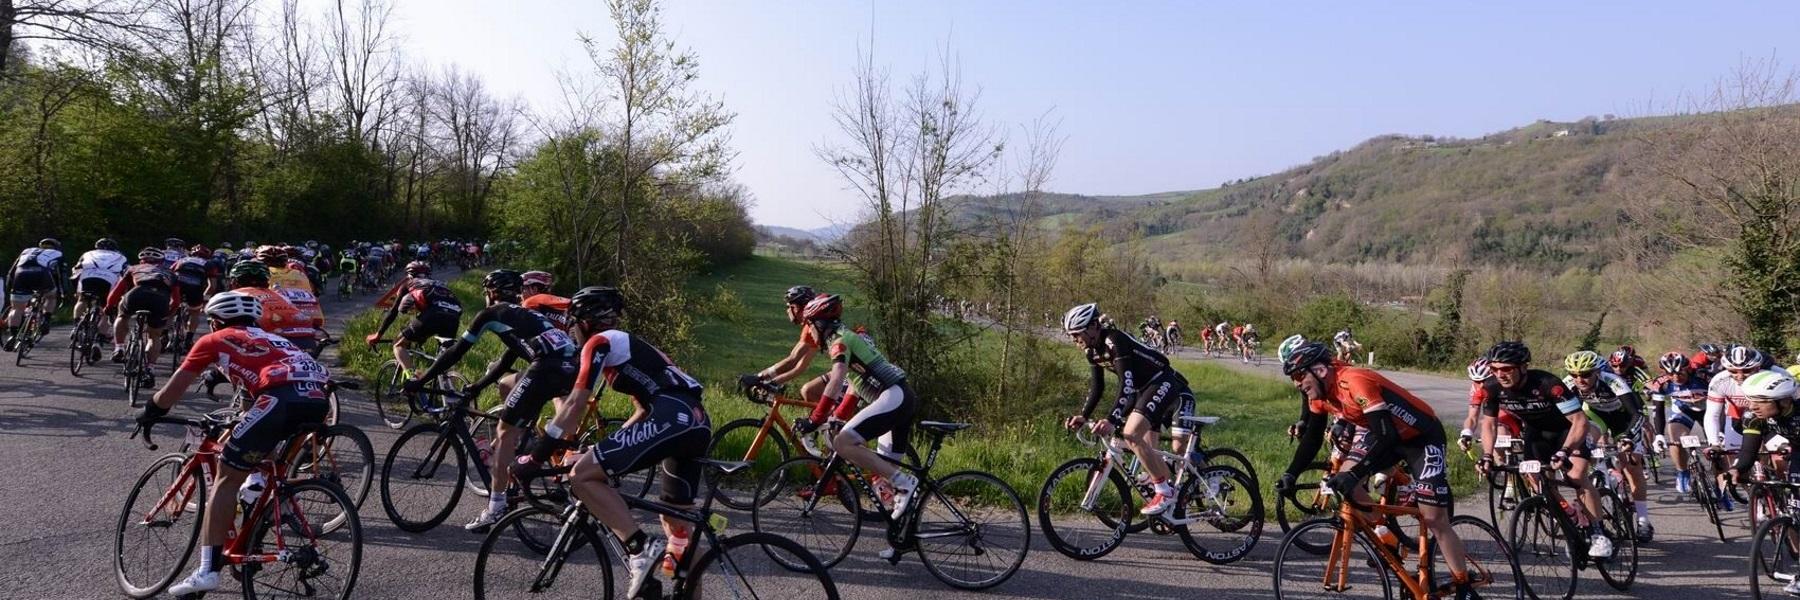 Granfondo The Salt way - Cervia Cycling Festival